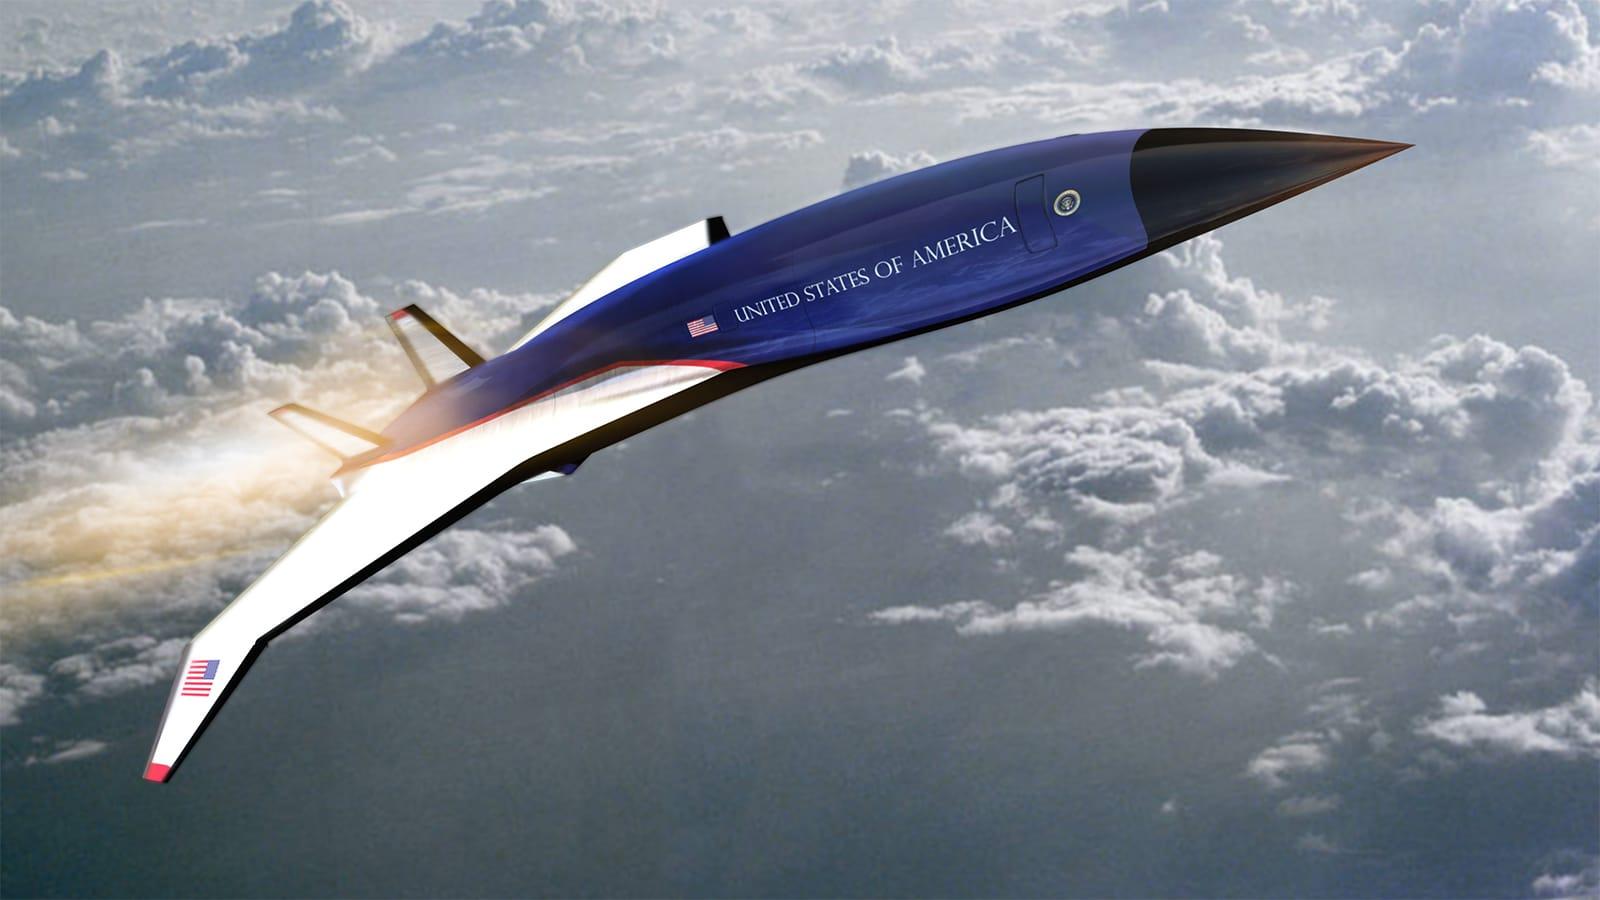 هل ستكون طائرة الرئاسة الأمريكية أسرع من الصوت بـ5 مرات بالمستقبل؟